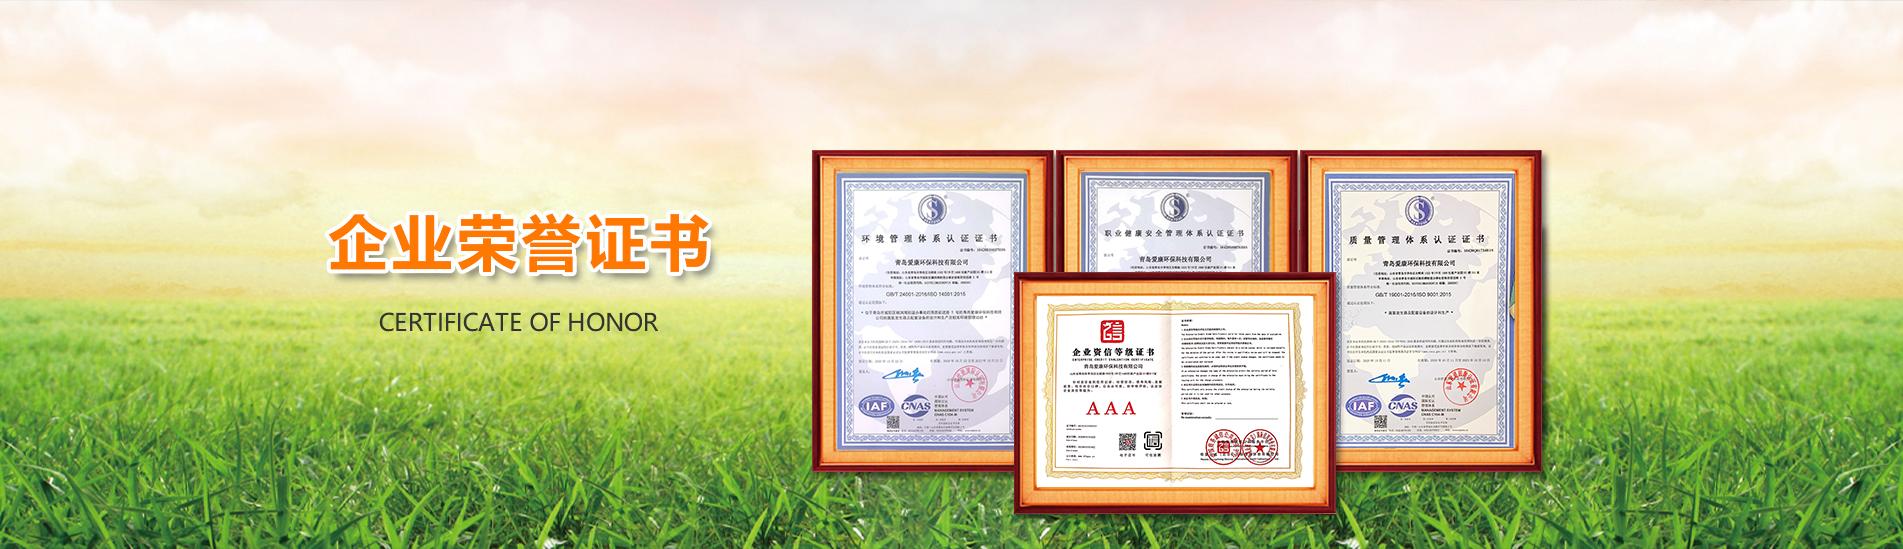 爱康荣誉证书